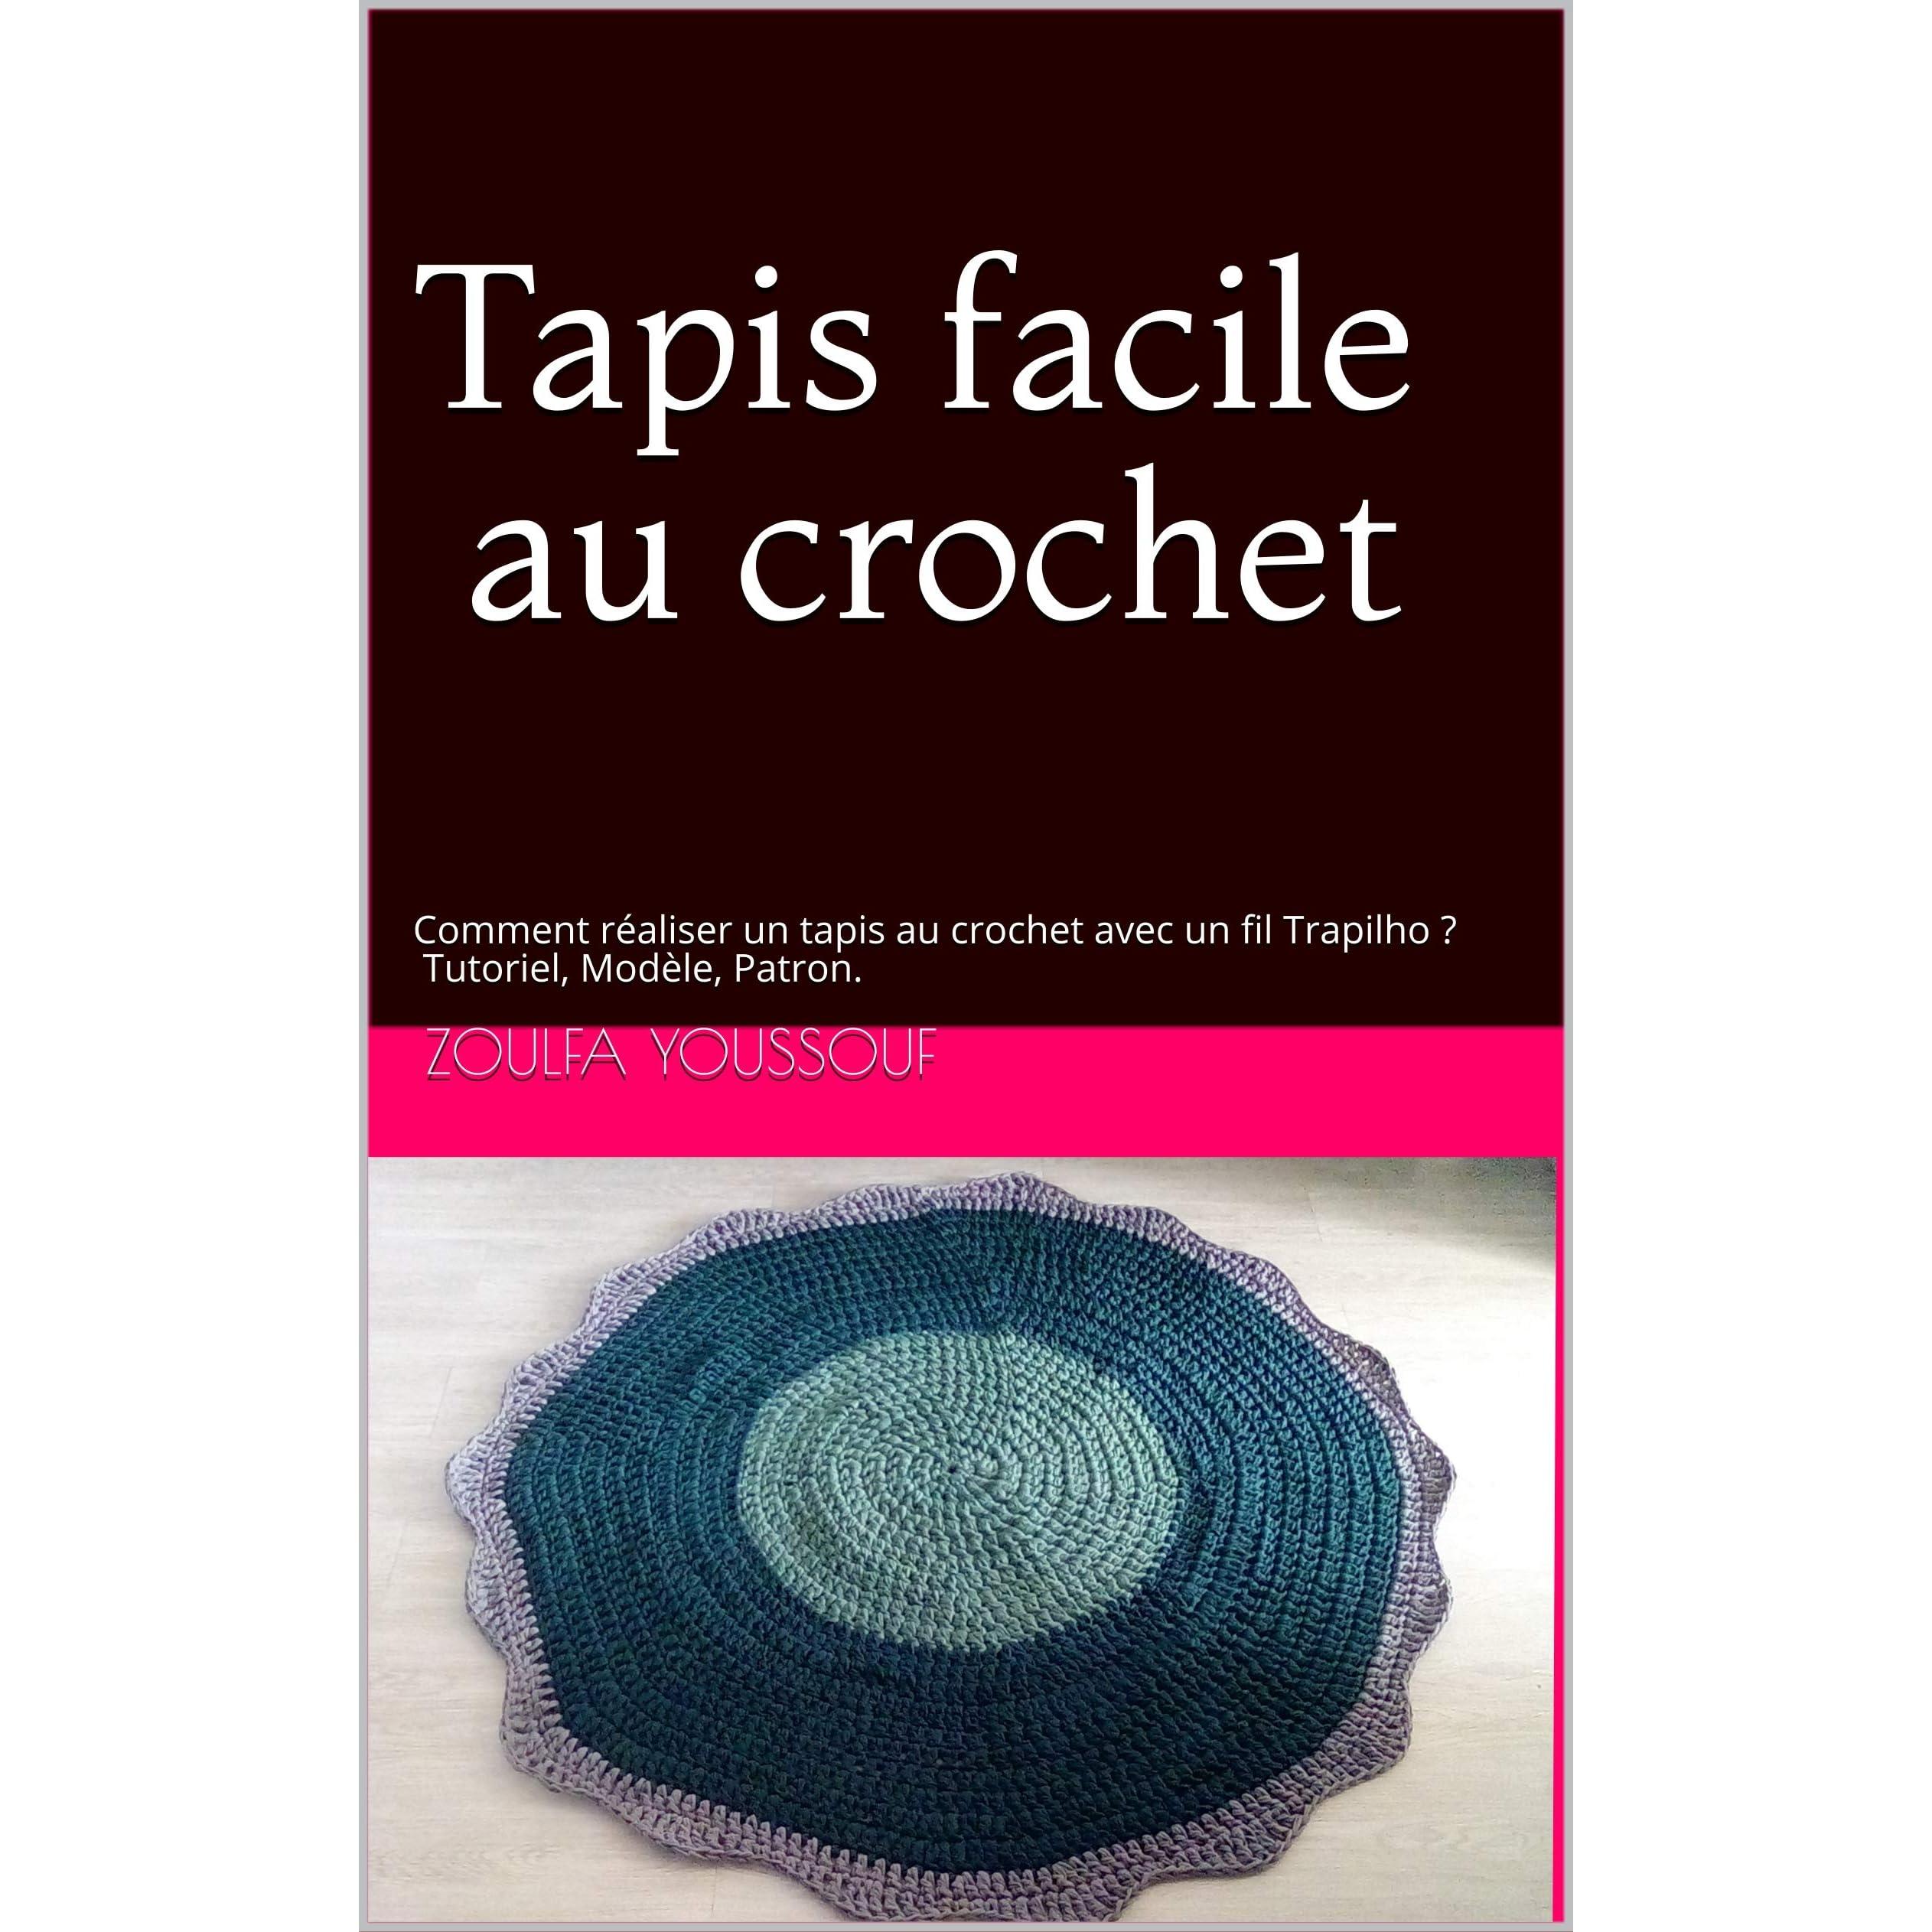 Tapis Facile Au Crochet Comment Realiser Un Tapis Au Crochet Avec Un Fil Trapilho Tutoriel Modele Patron By Zoulfa Youssouf